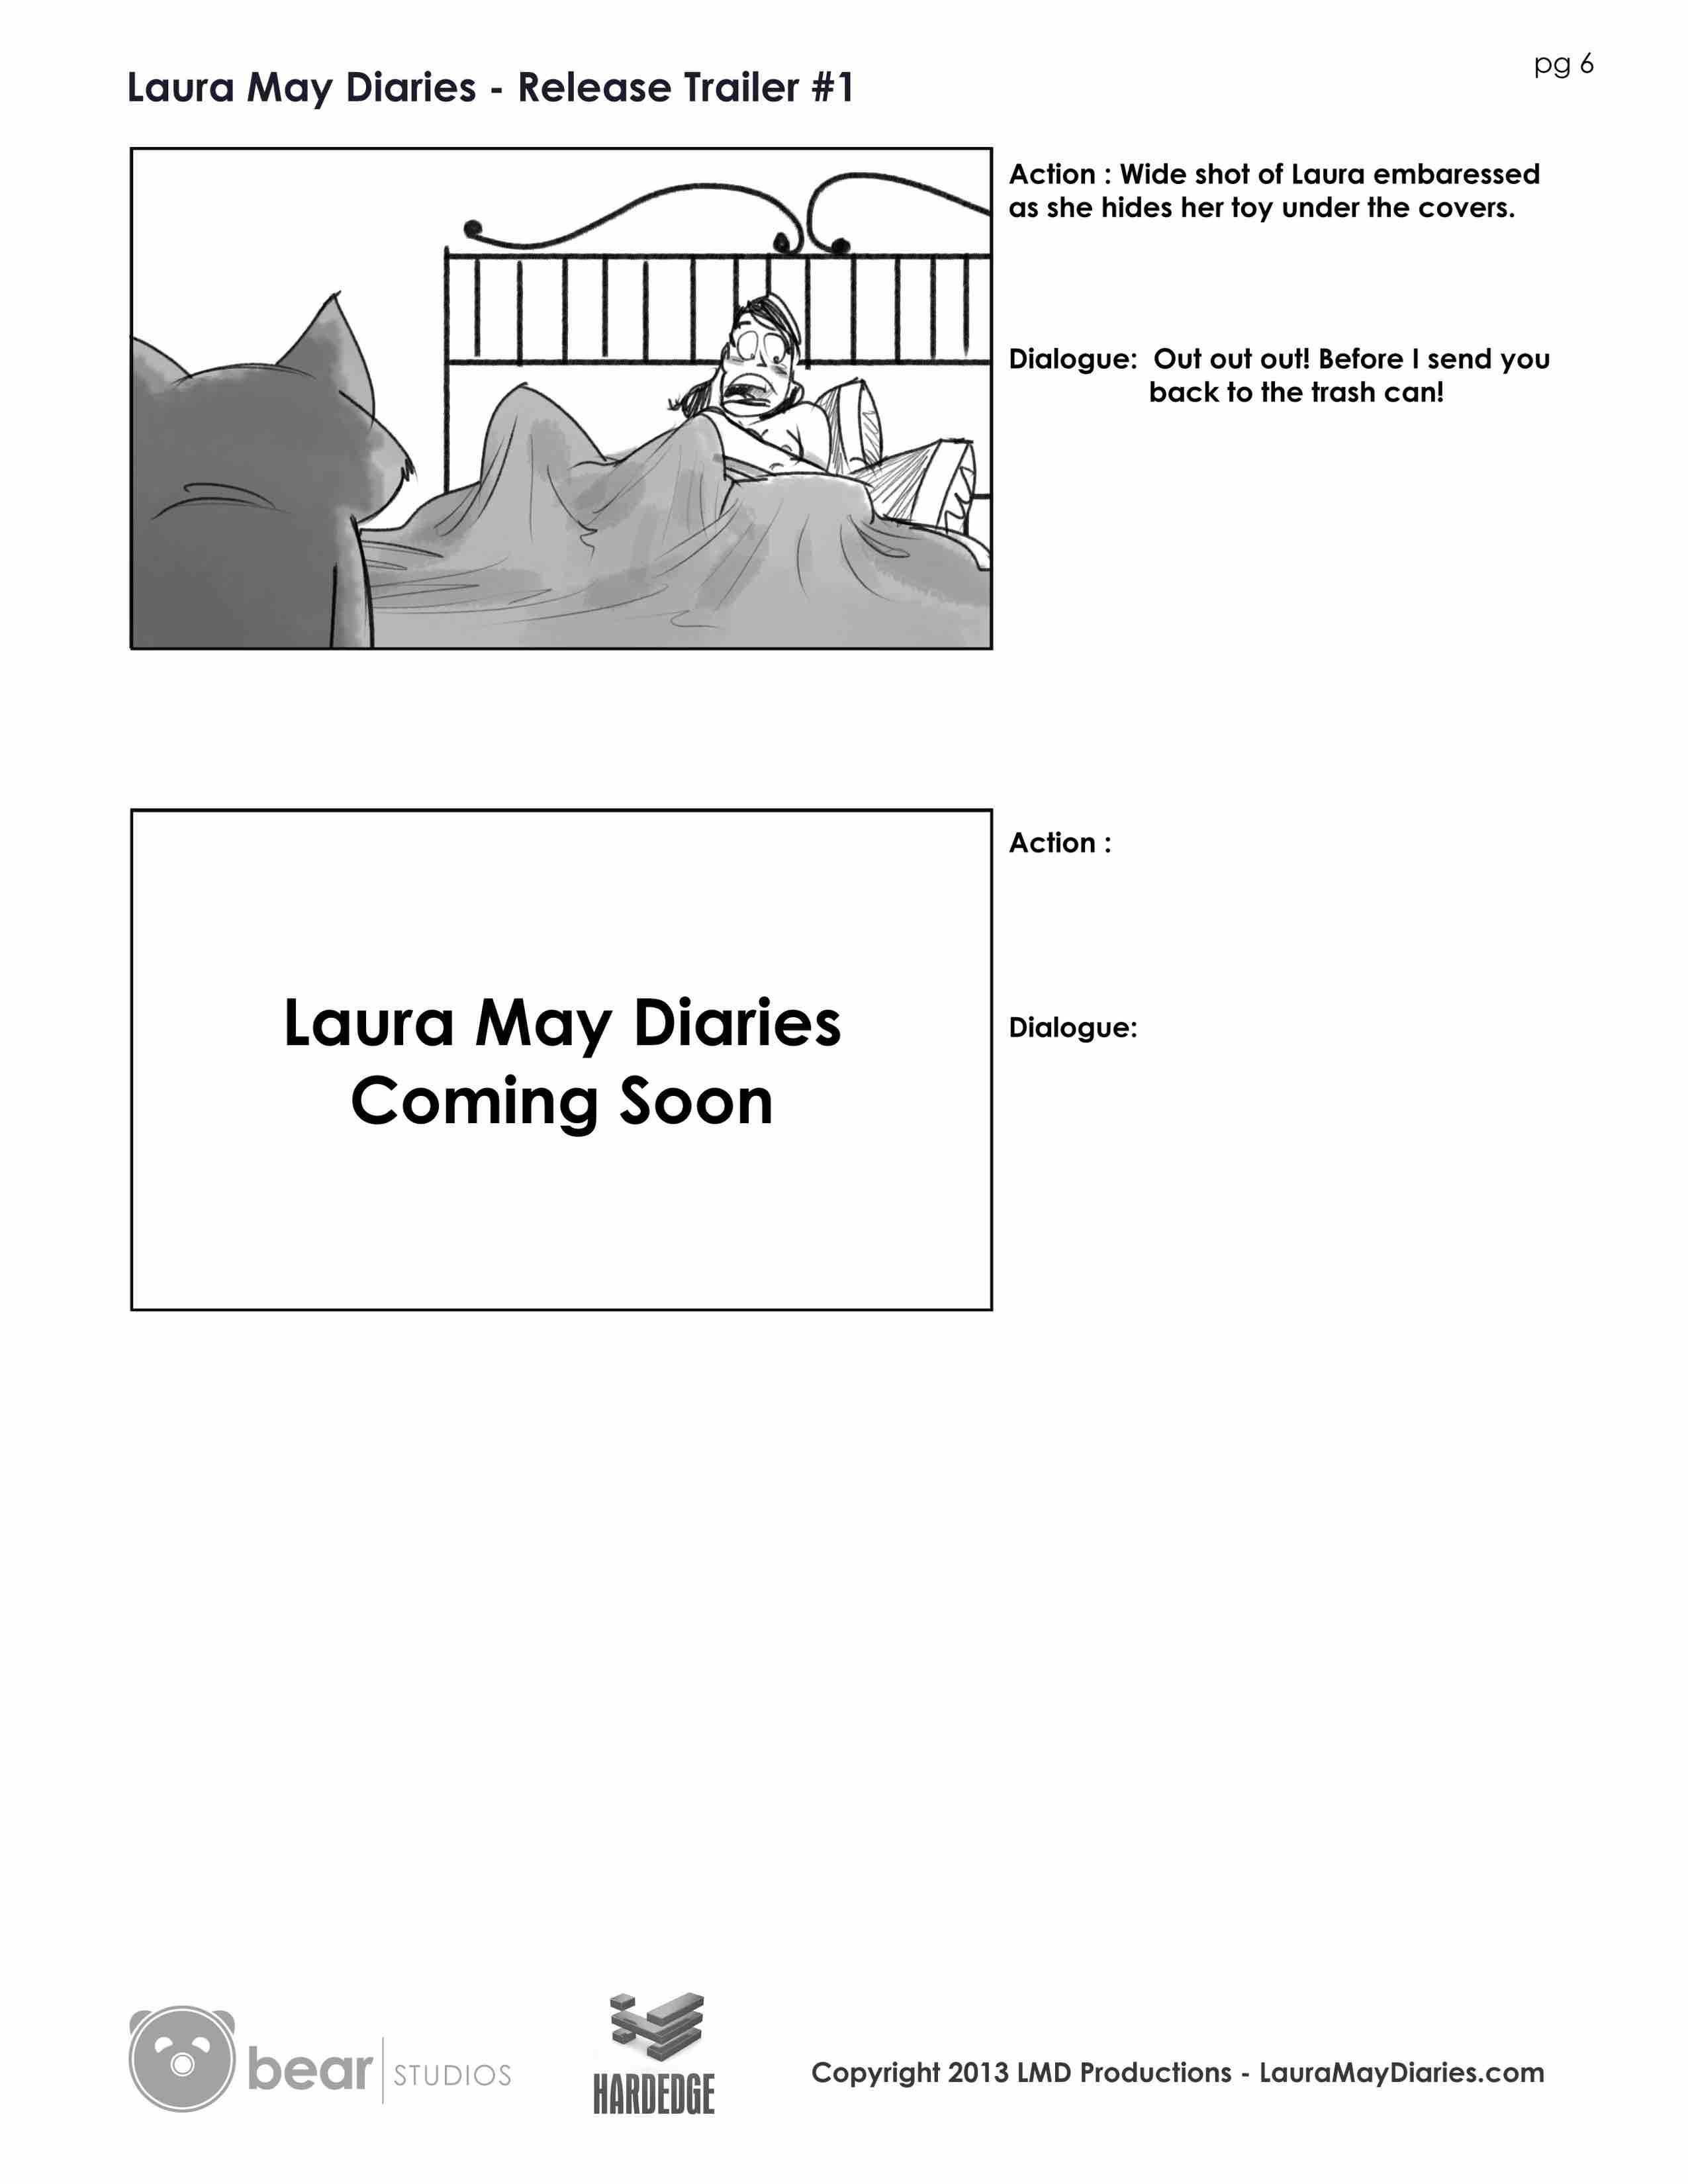 13-03-01_LMD_Trailer1_Storyboard 6